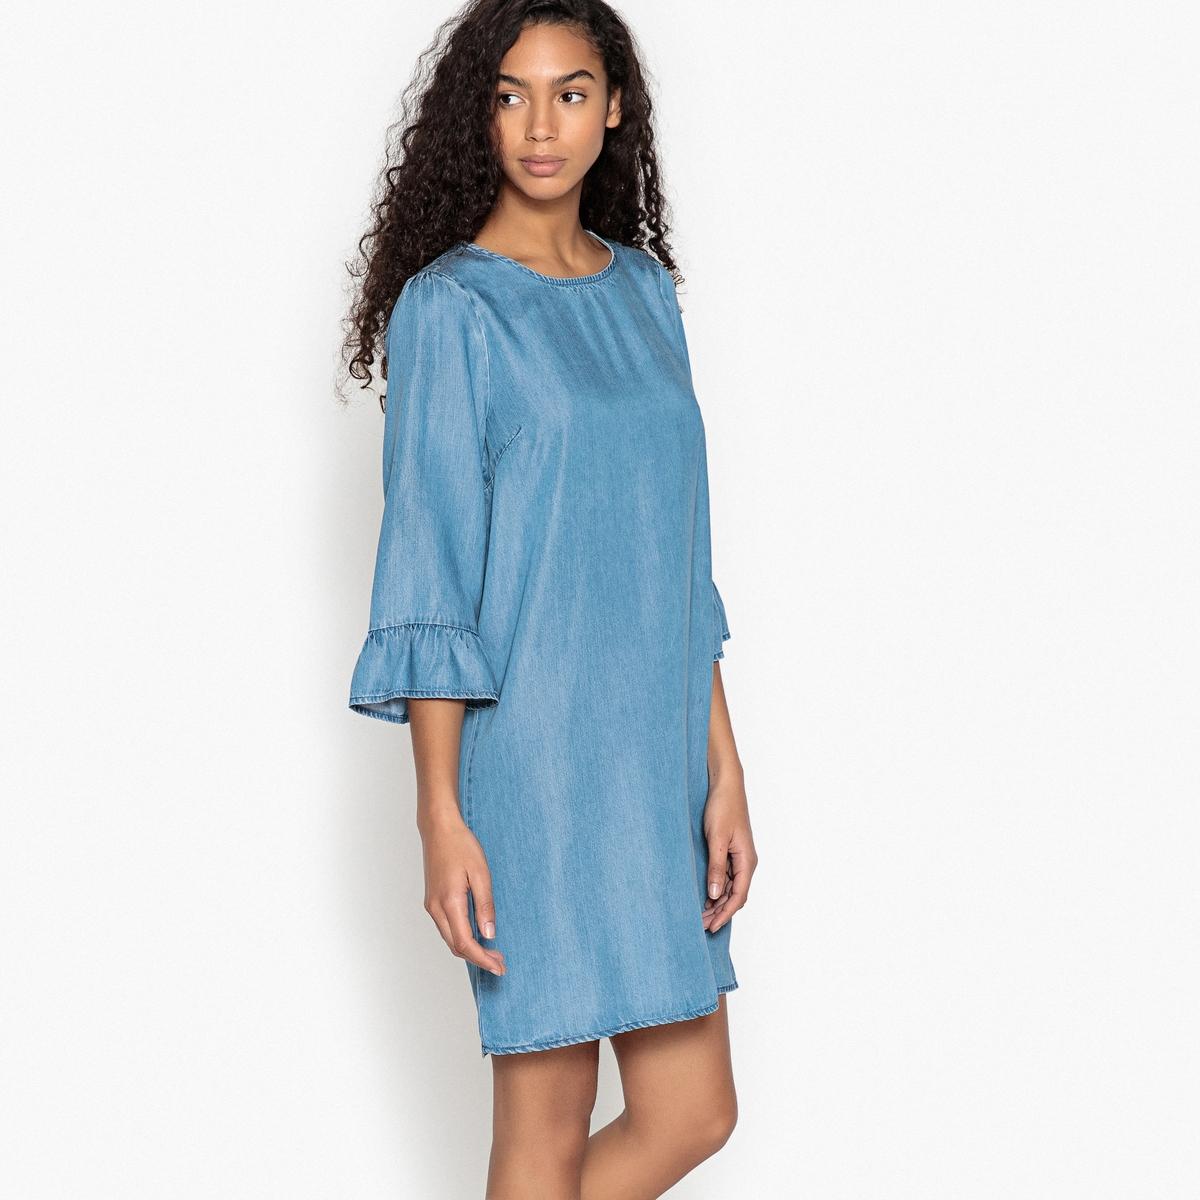 Платье прямое однотонное средней длины, с рукавами 3/4Описание:Детали •  Форма : прямая •  Длина до колен •  Рукава 3/4    •  Круглый вырезСостав и уход •  100% лиоцелл  •  Следуйте рекомендациям по уходу, указанным на этикетке изделия<br><br>Цвет: синий деним